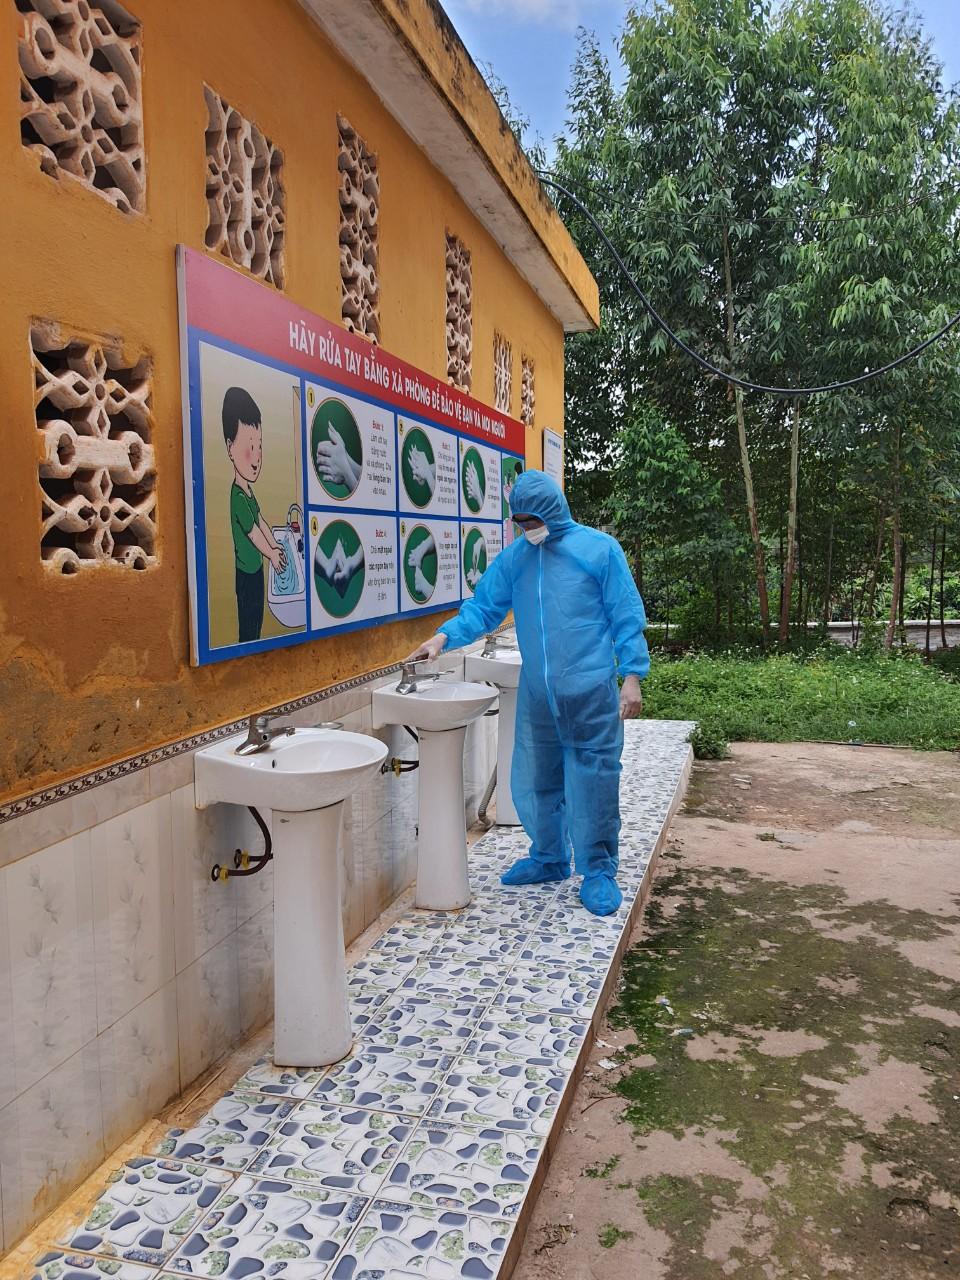 Hàng sáng, thầy Thành mặc đồ bảo hộ, đi kiểm tra đường điện, nước, các thiết bị quanh trường để chắc chắn cơ sở vật chất đảm bảo cho các em cách ly. Ảnh: NVCC.